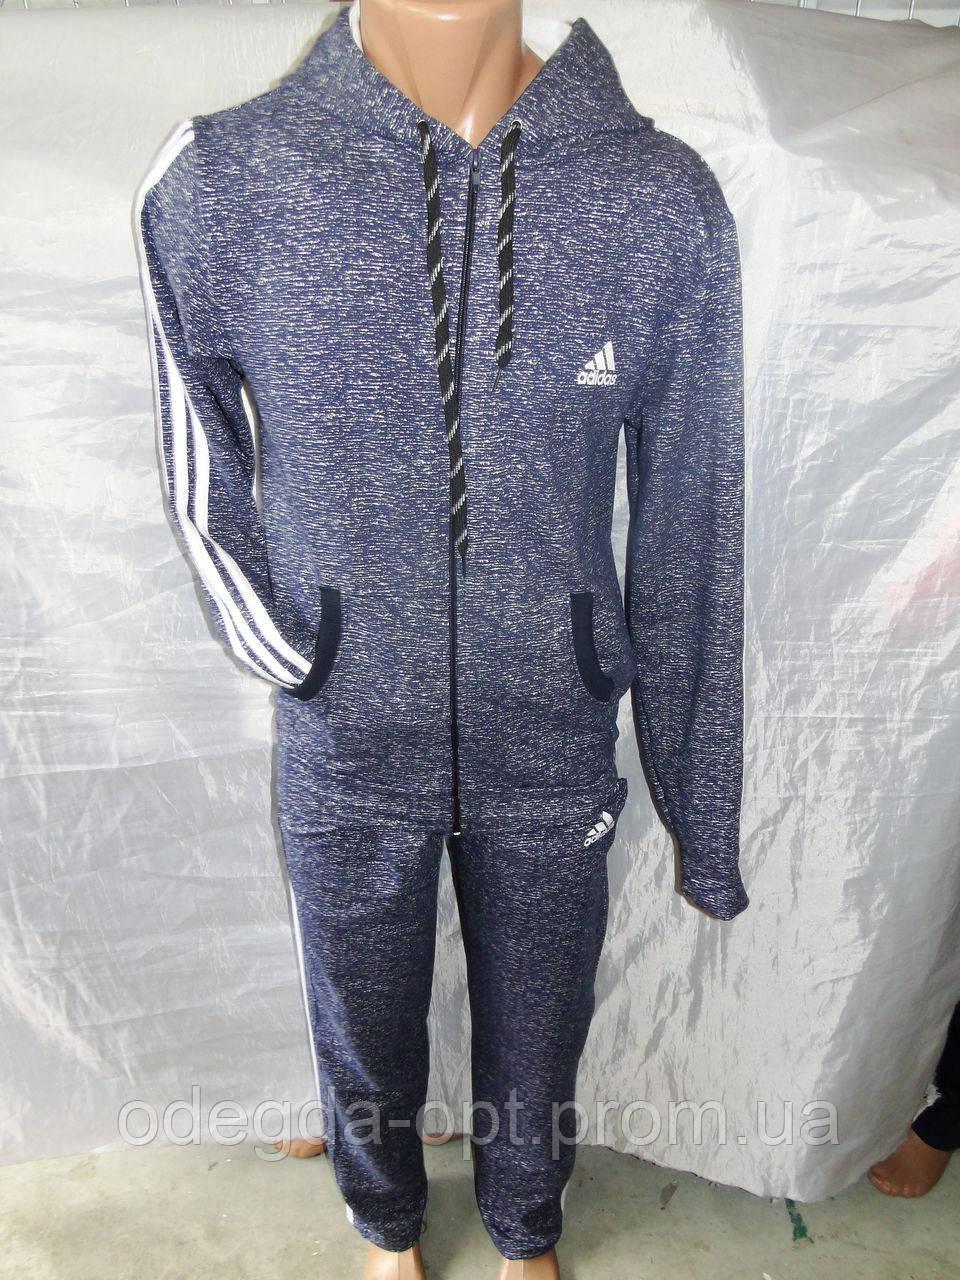 Мужской спортивный костюм трикотаж 48-56 купить оптом в Украине модные модели 7км Собственное производство